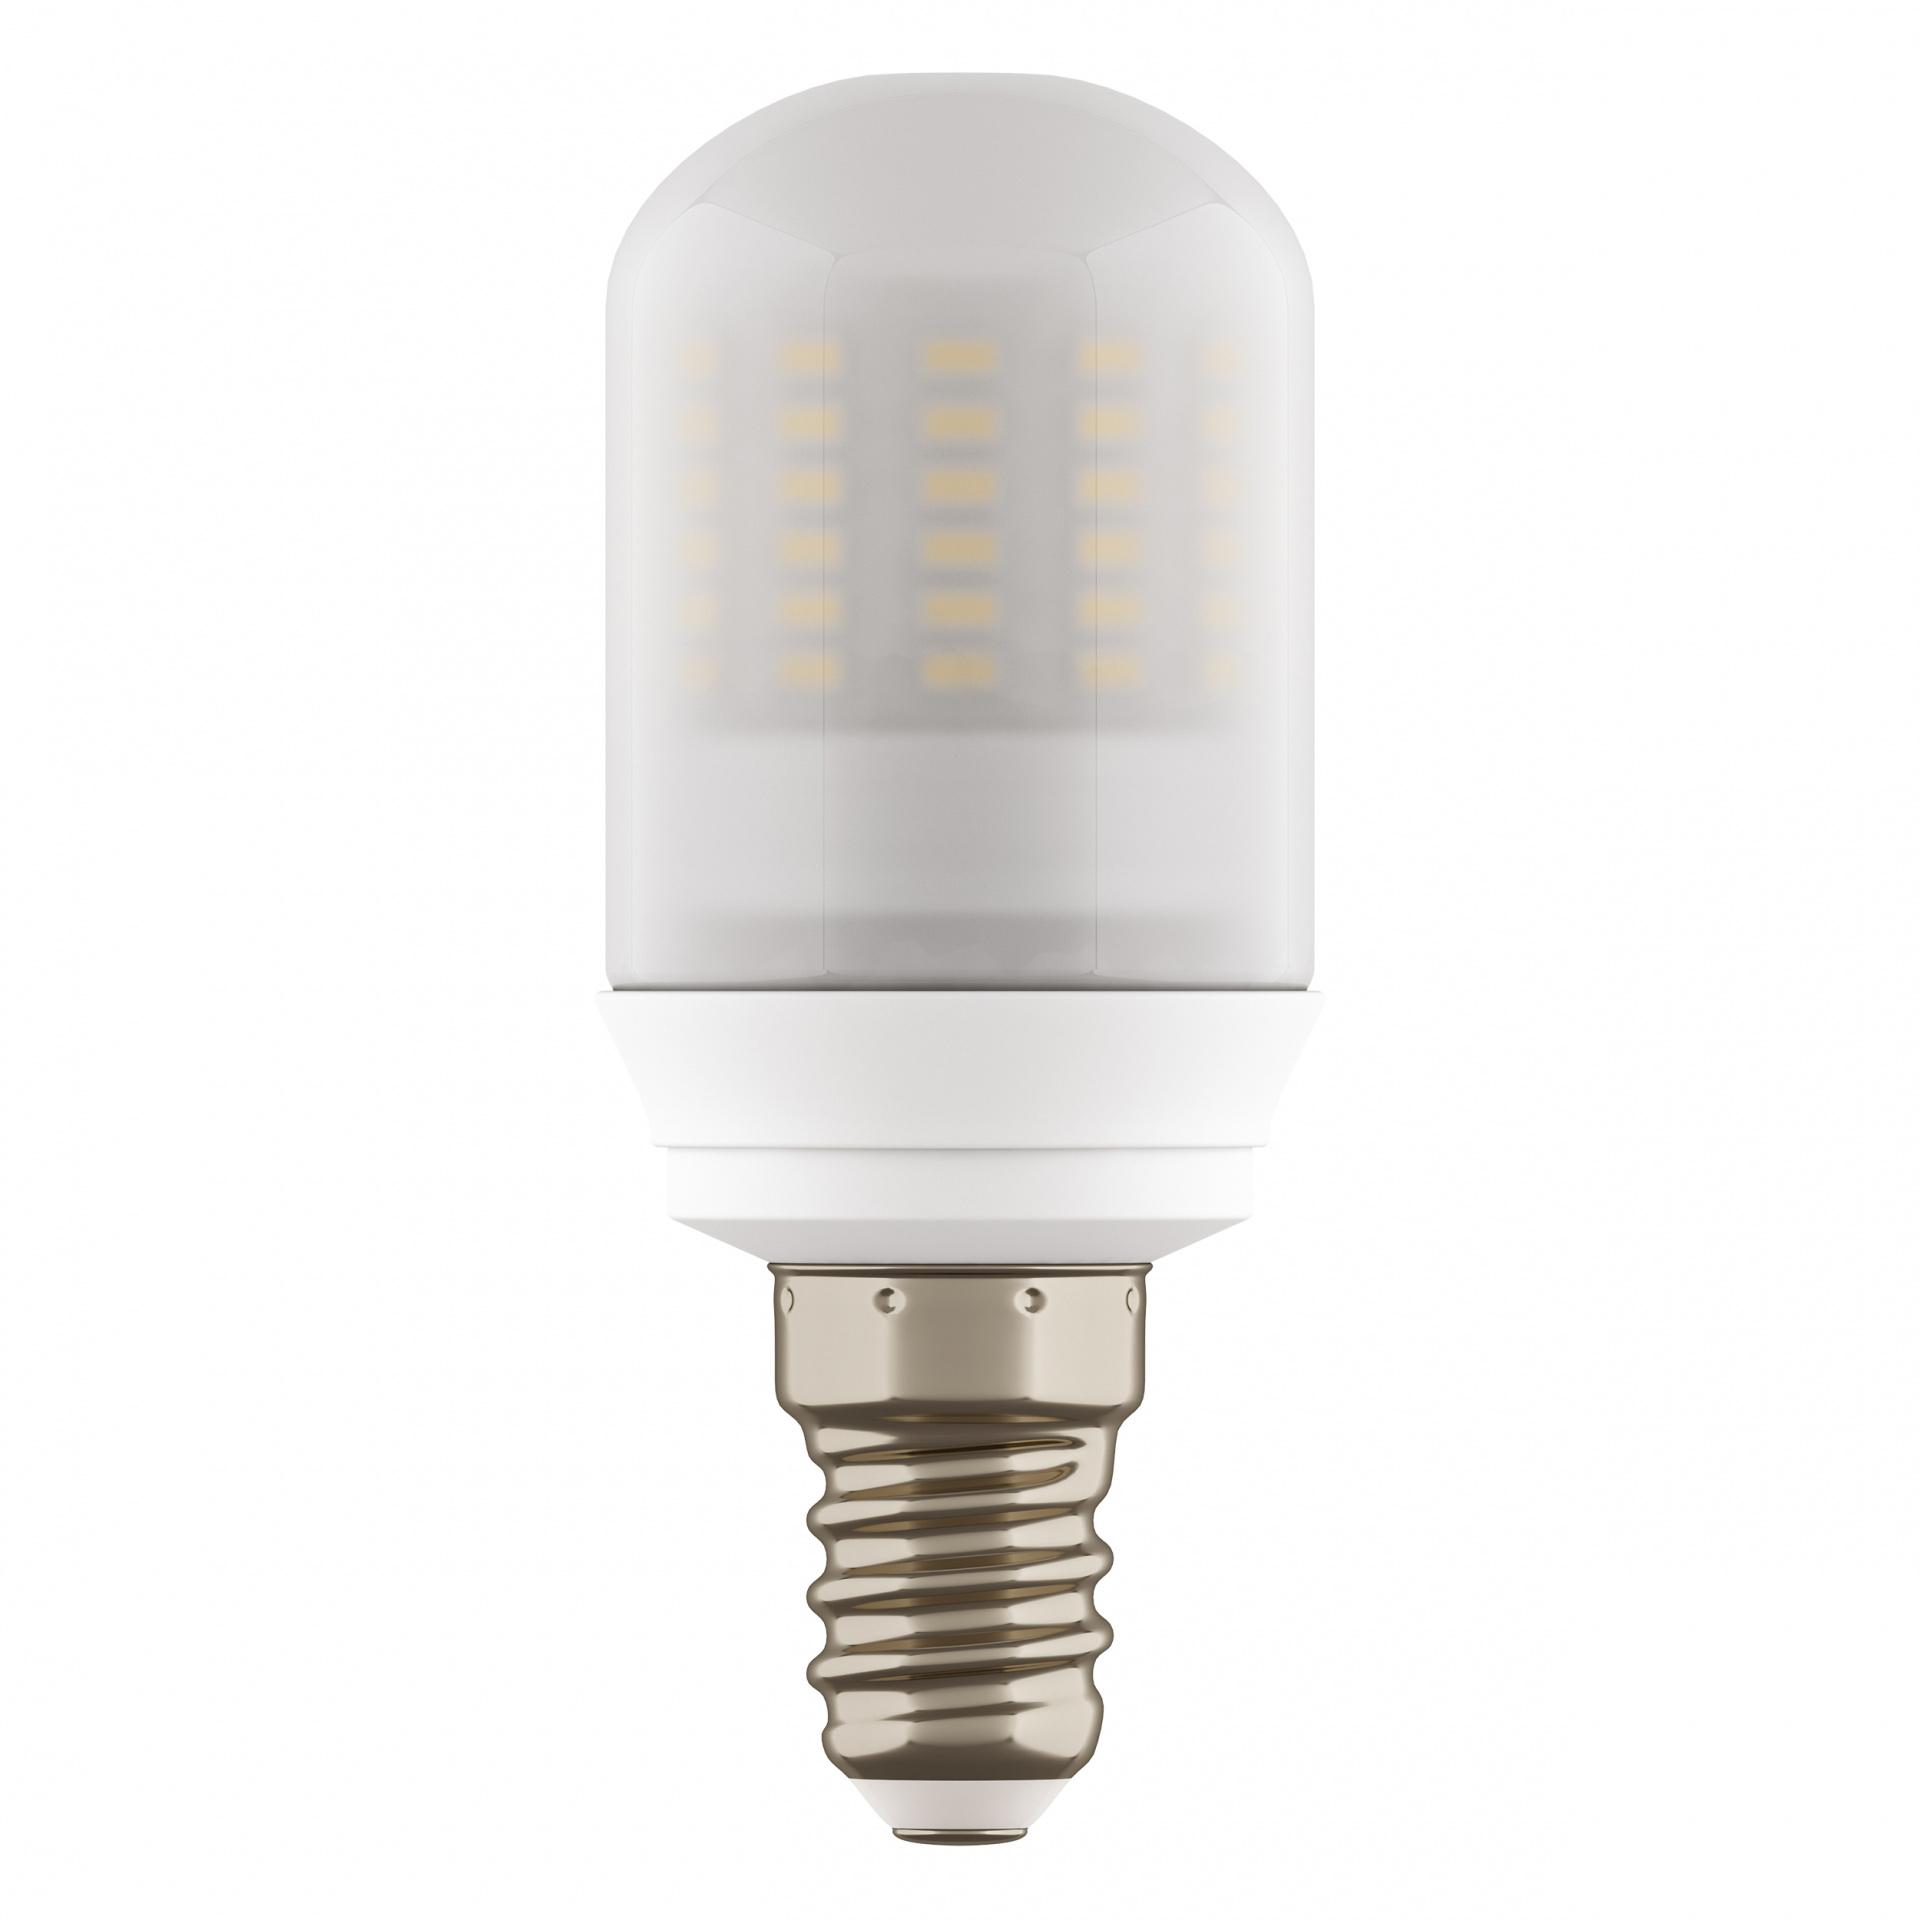 Лампа LED 220V T35 E14 9W=90W 770LM 360G FR 3000K 20000H Lightstar 930712, купить в СПб, Москве, с доставкой, Санкт-Петербург, интернет-магазин люстр и светильников Starlight, фото в жизни